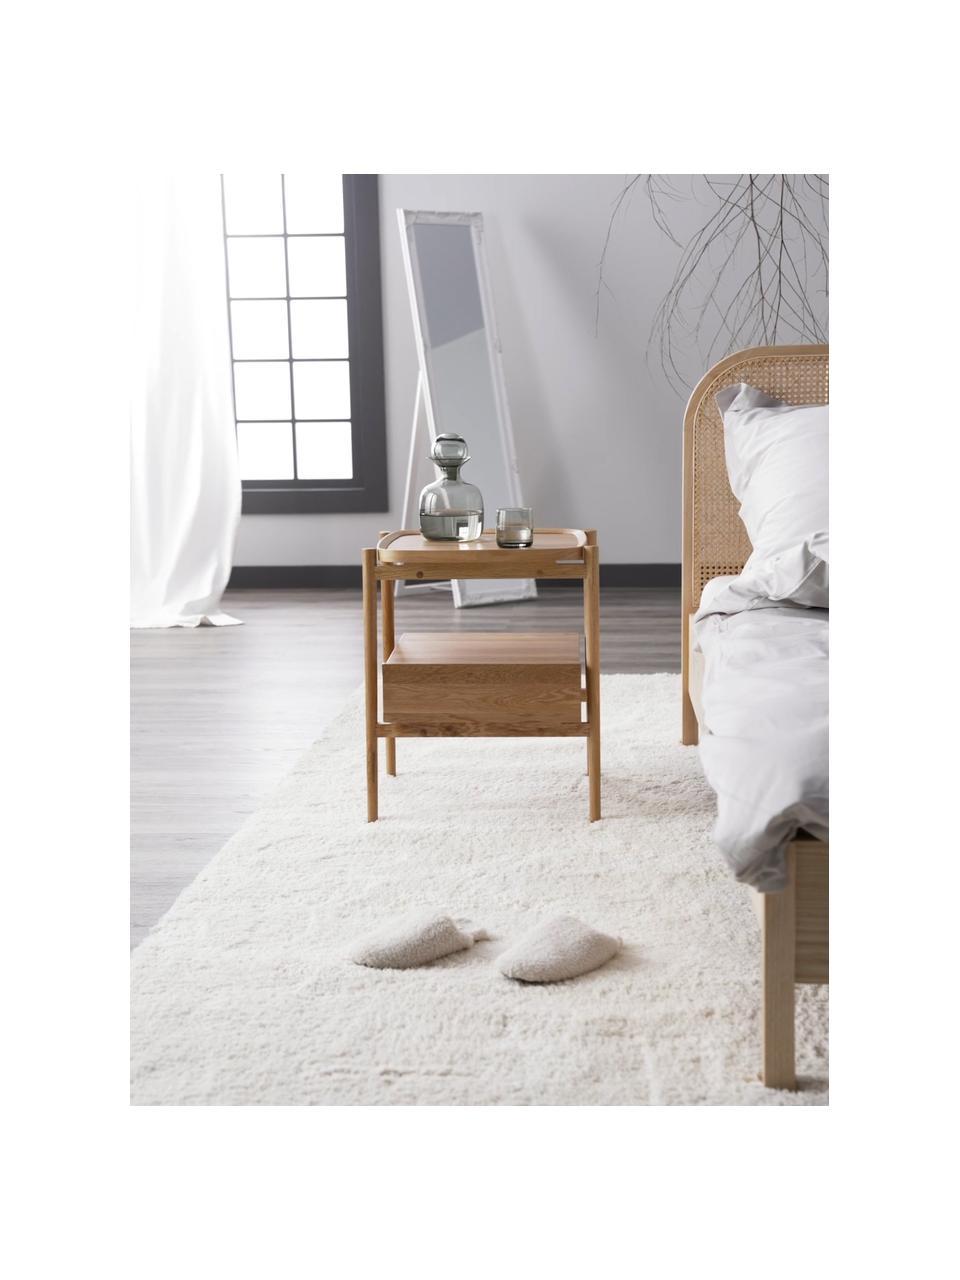 Szafka nocna z drewna dębowego z szufladą Libby, Drewno dębowe, S 49 x W 60 cm